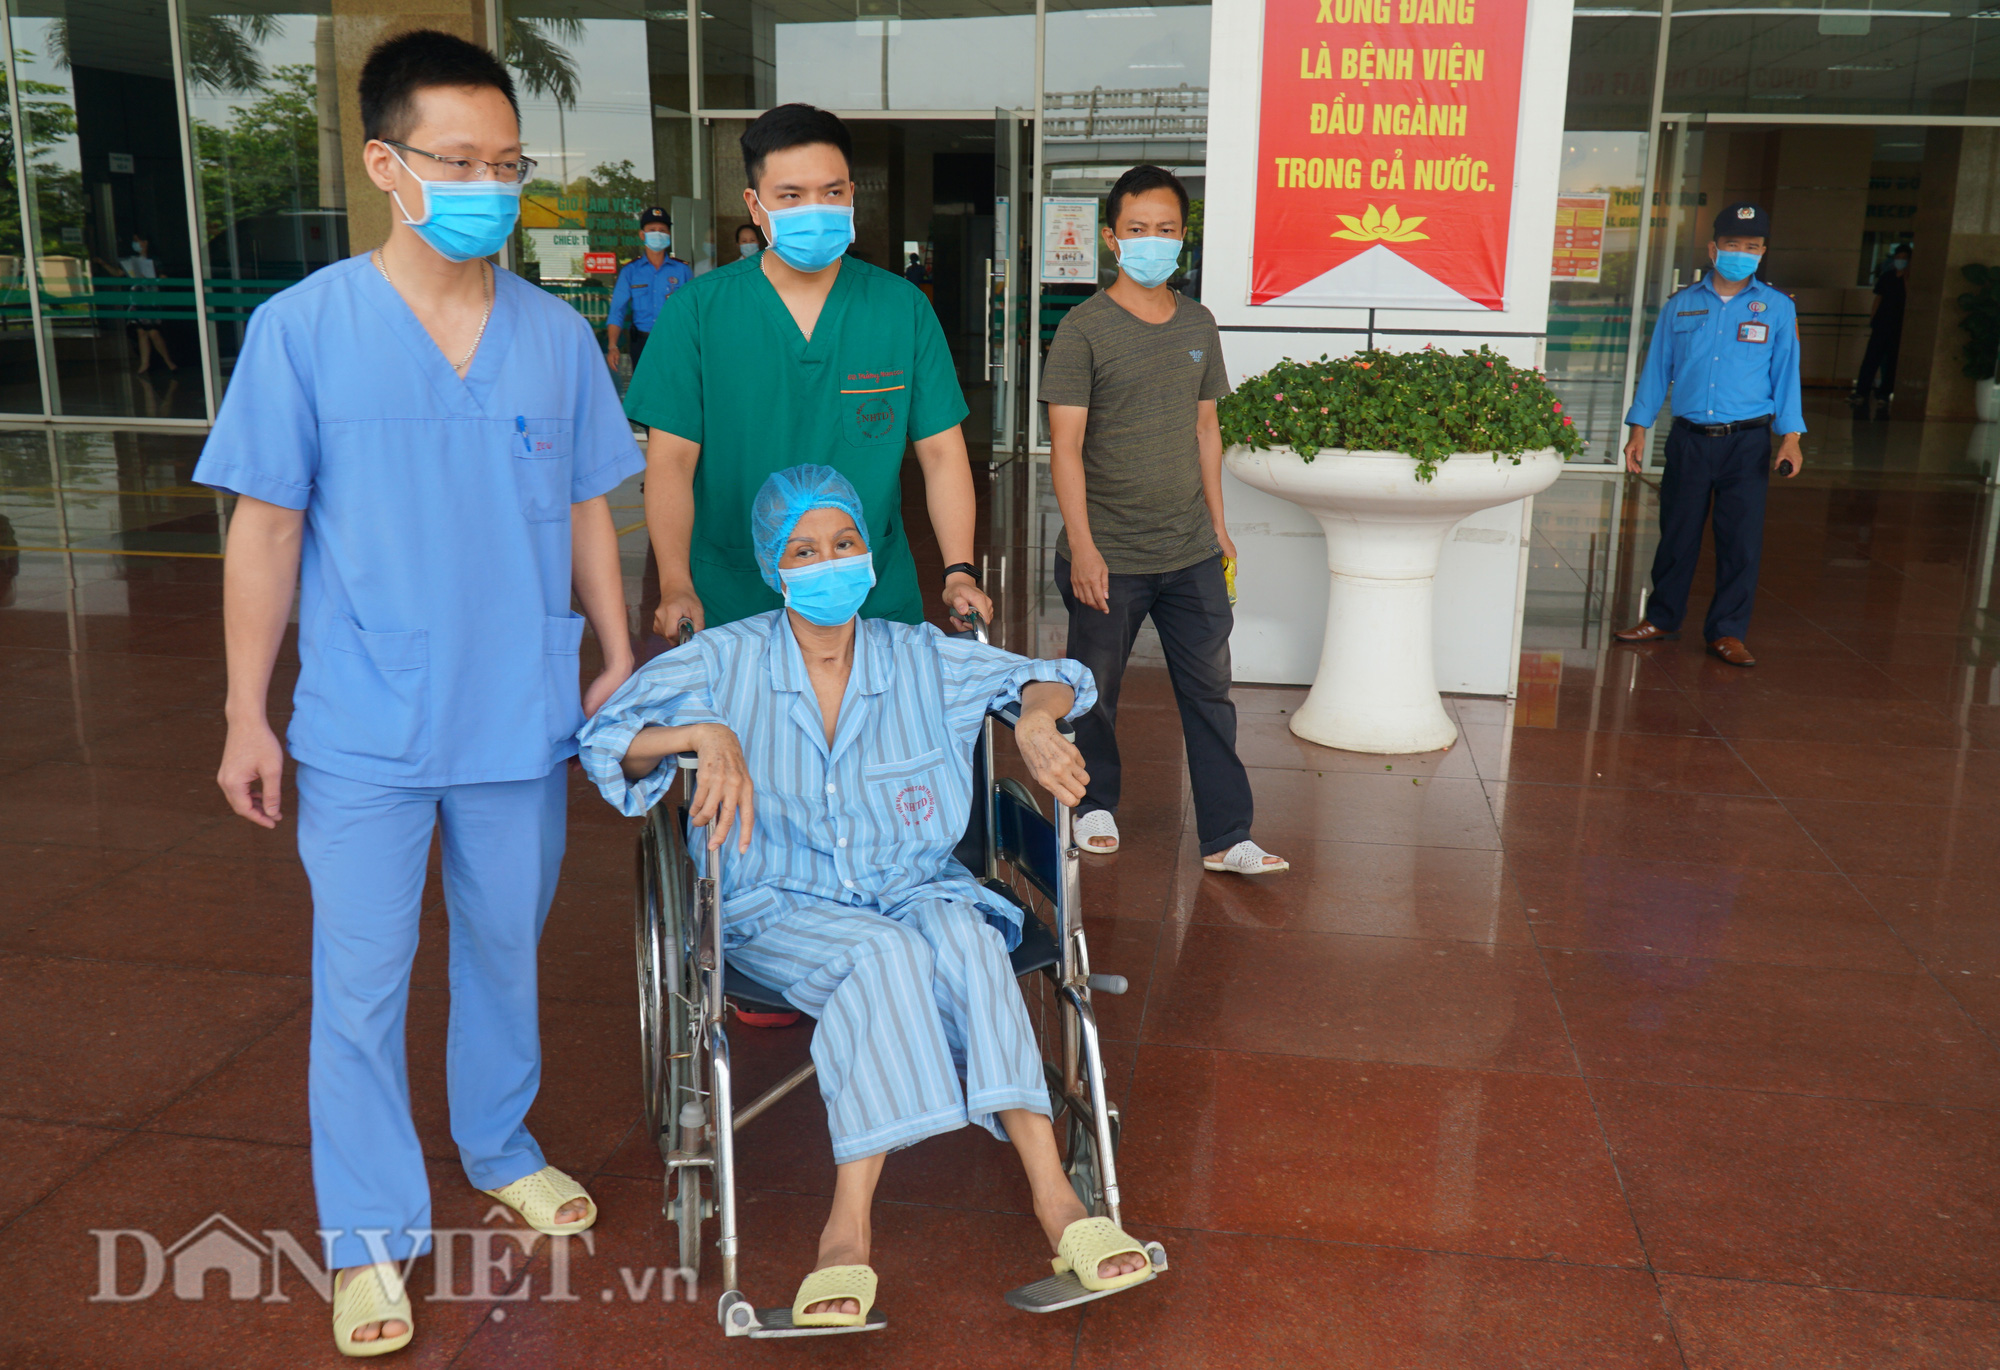 Bác bệnh nhân số 17 chính thức khỏi Covid-19 sau hơn 2 tháng điều trị - Ảnh 2.